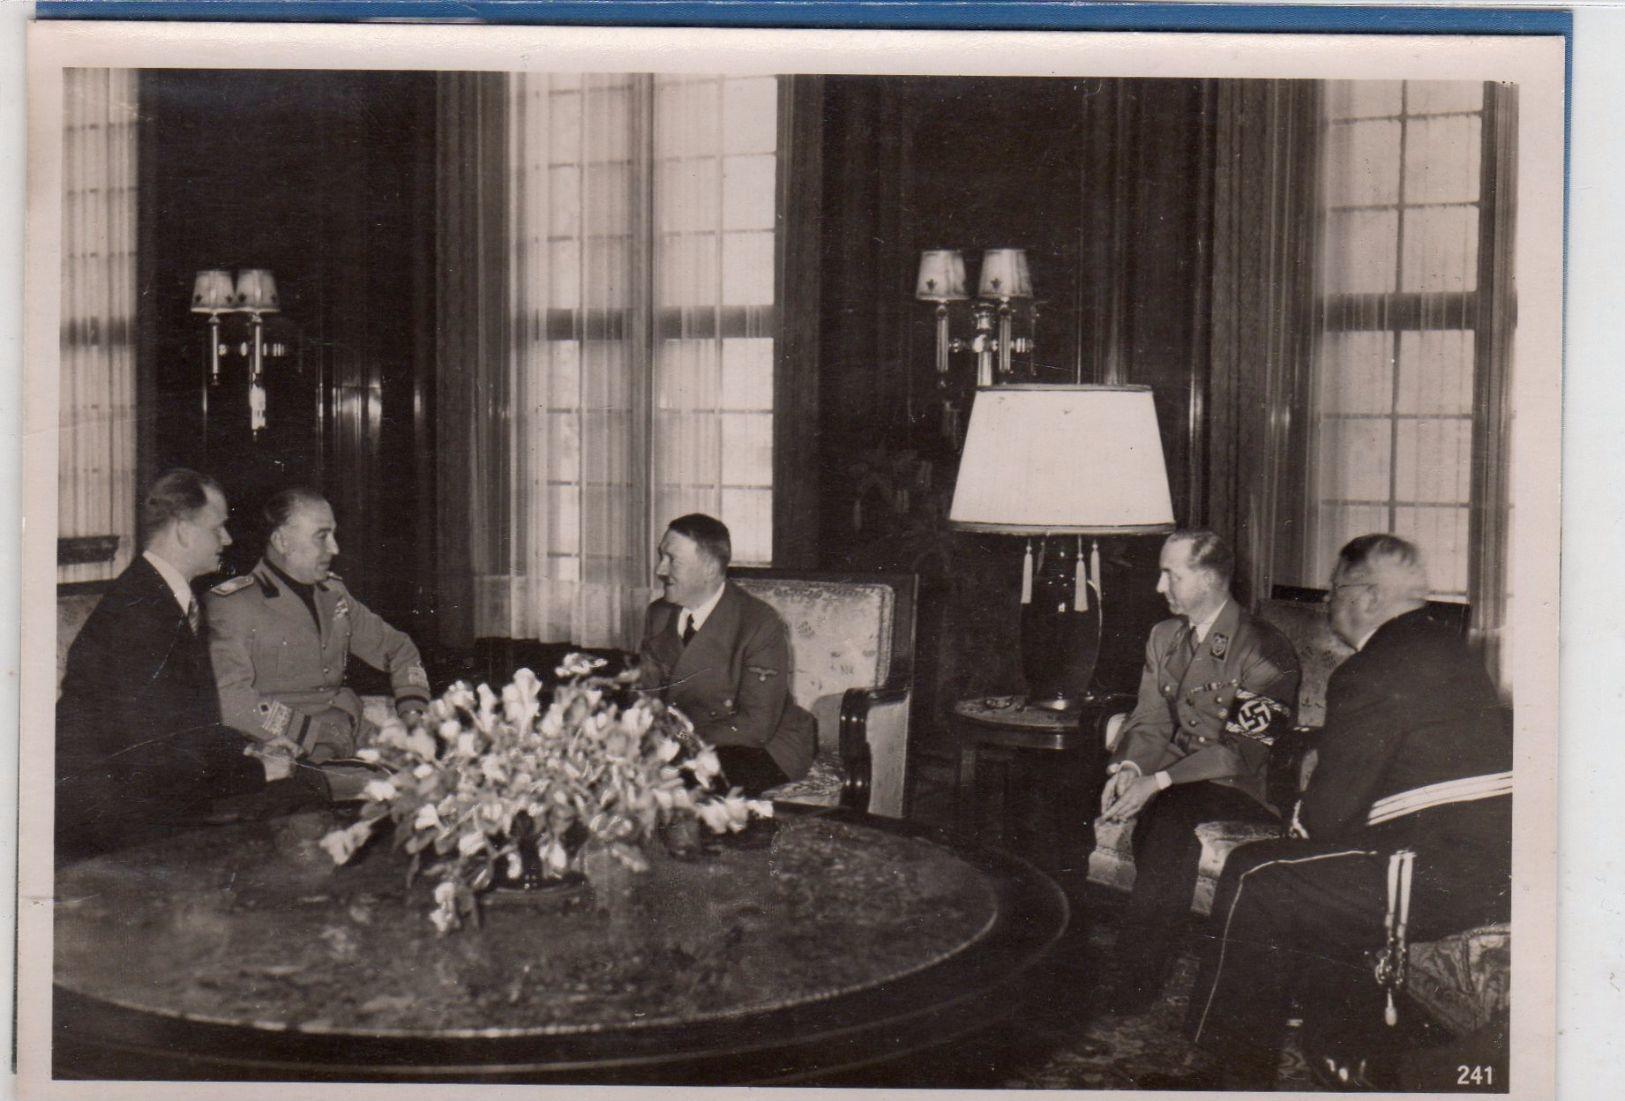 Foto Staatsempfang In Deutschland - Politiker Beim Gespräch - Guerra, Militari